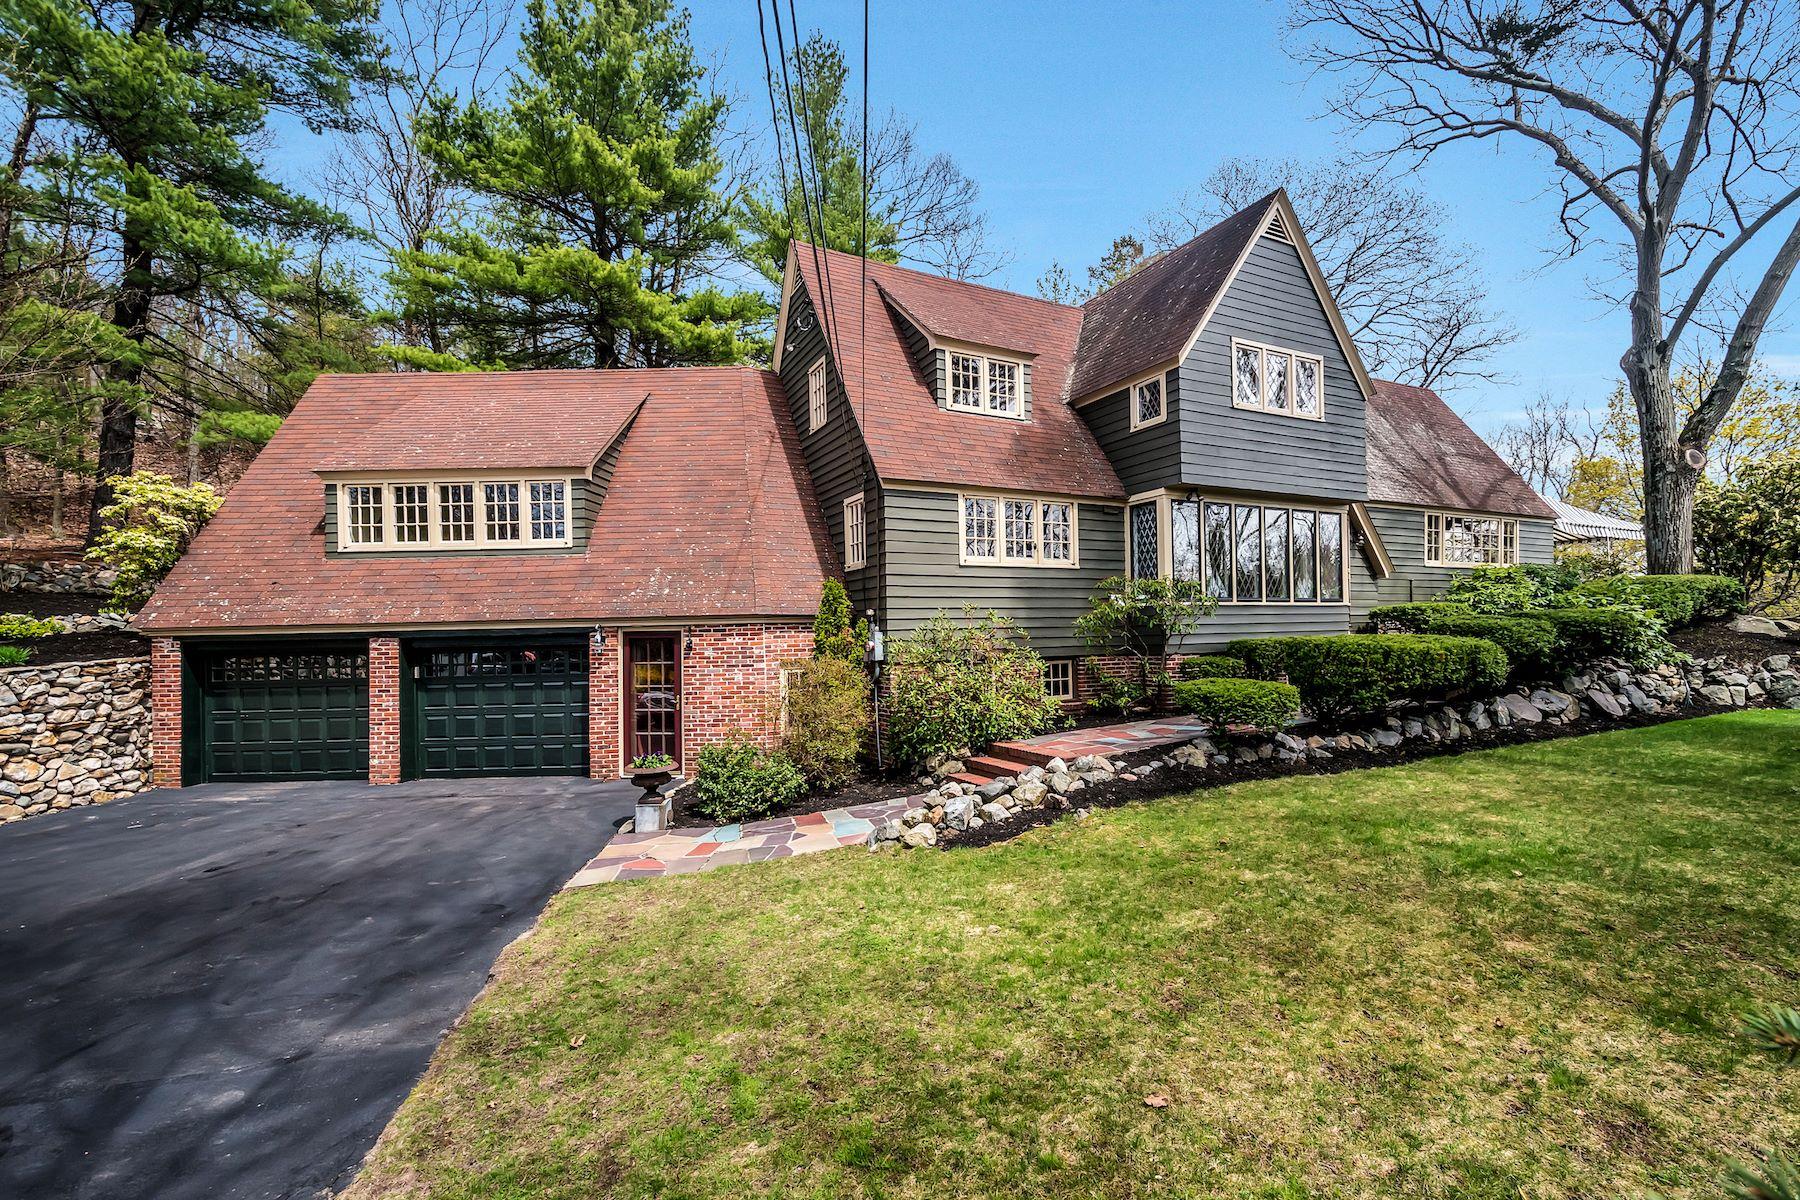 Maison unifamiliale pour l Vente à Beautiful Colonial nestled on an acre+ of land 129 High Street Winchester, Massachusetts, 01890 États-Unis